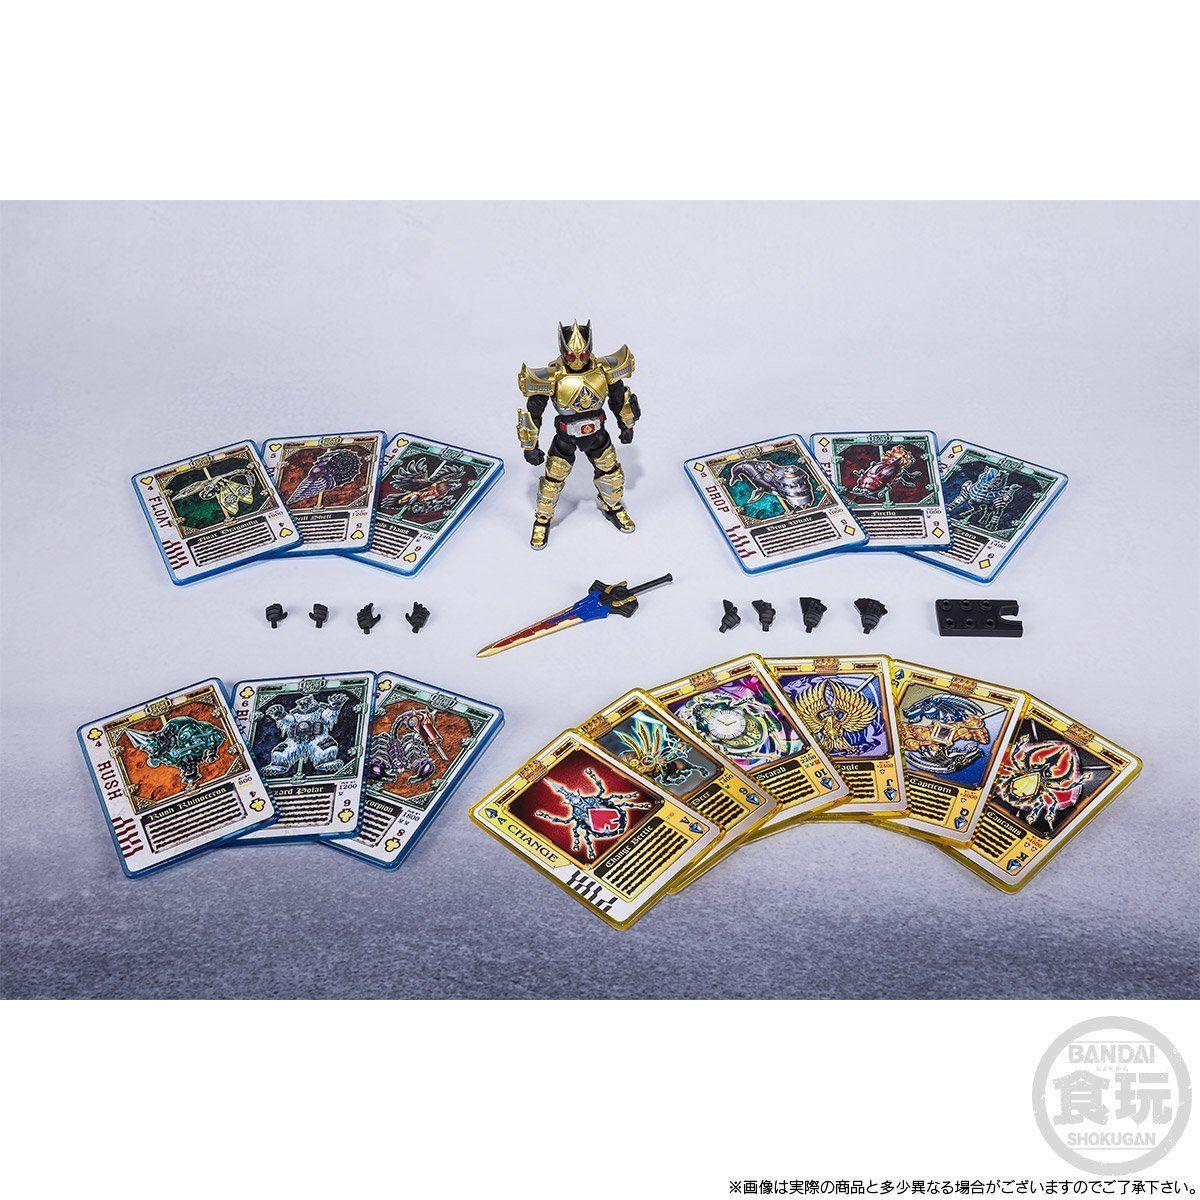 【限定販売】【食玩】SHODO-X『仮面ライダー剣 キングフォームセット』可動フィギュア-010